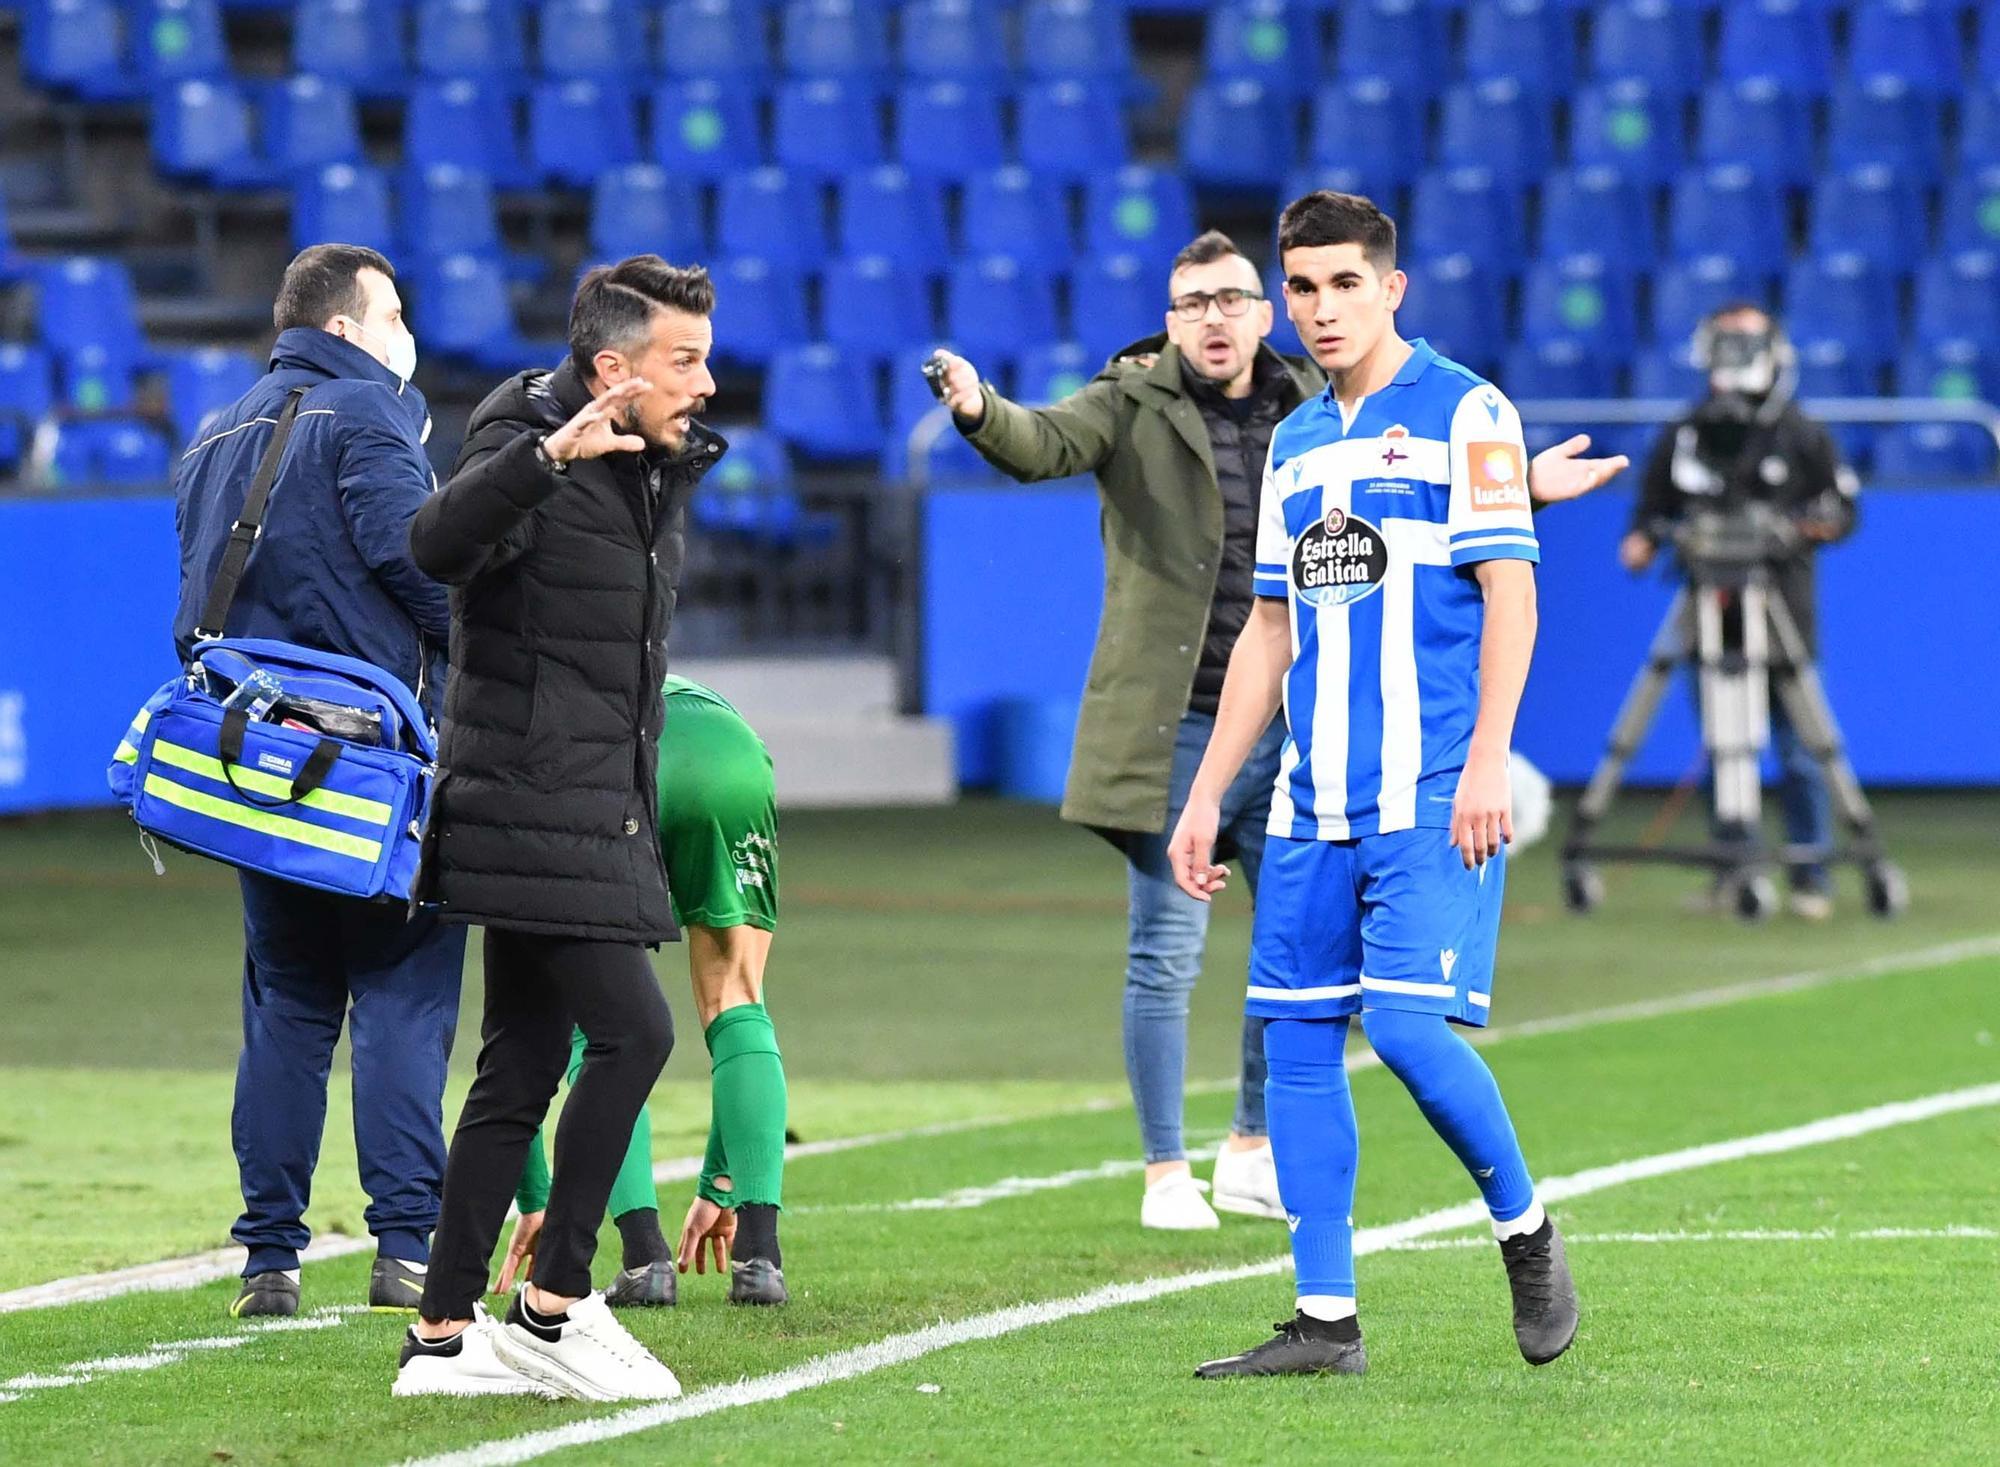 El Deportivo cae (0-2) ante el Compostela